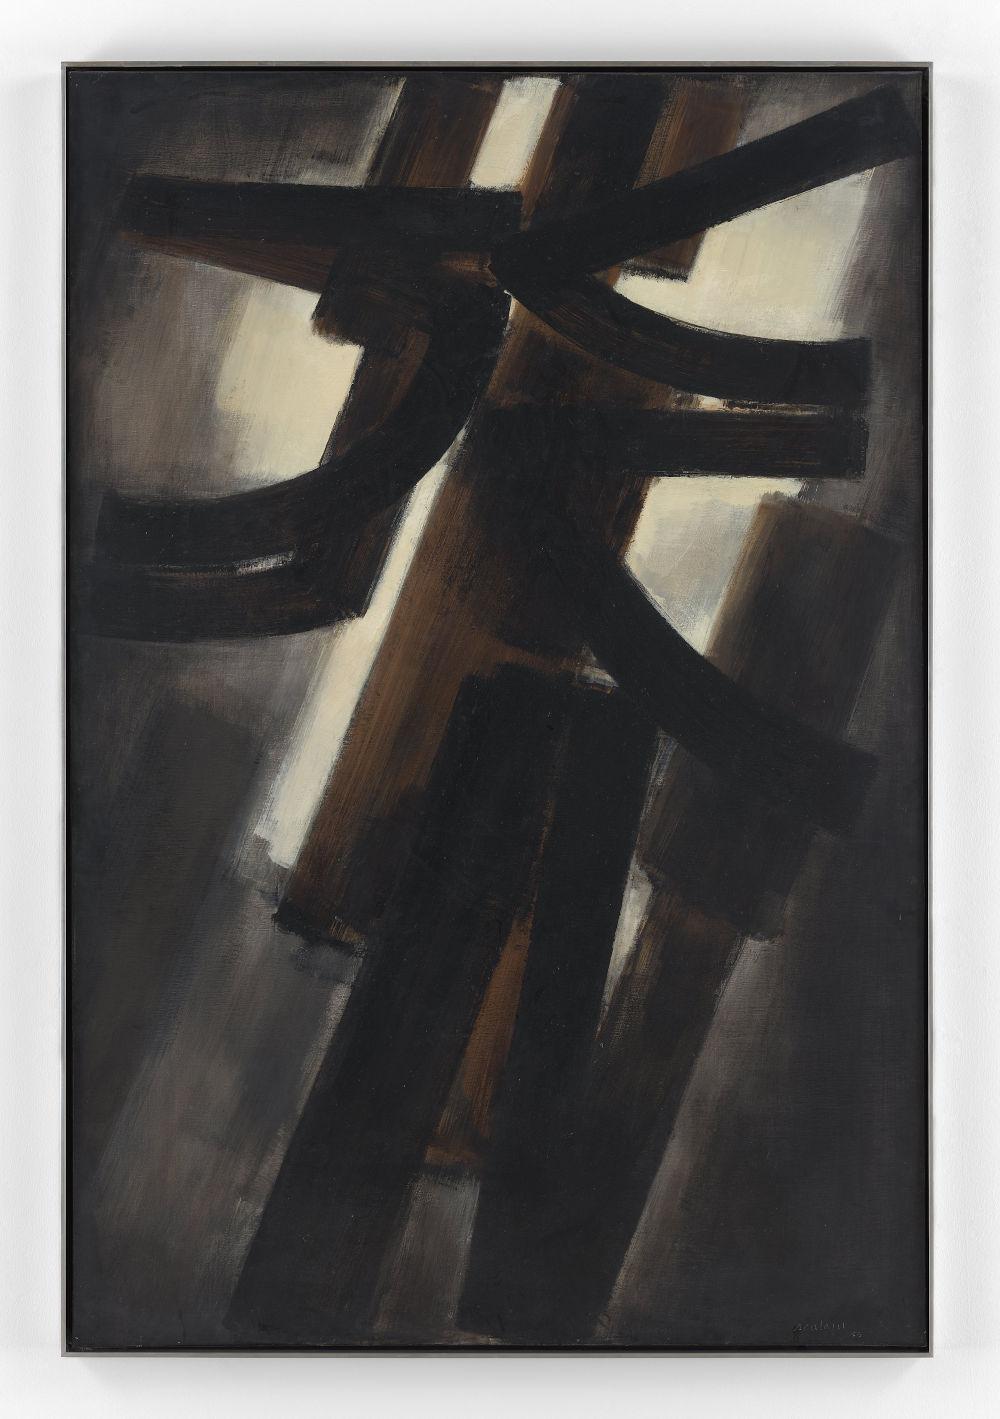 Peinture 195 x 130 cm, 28 juillet 1953